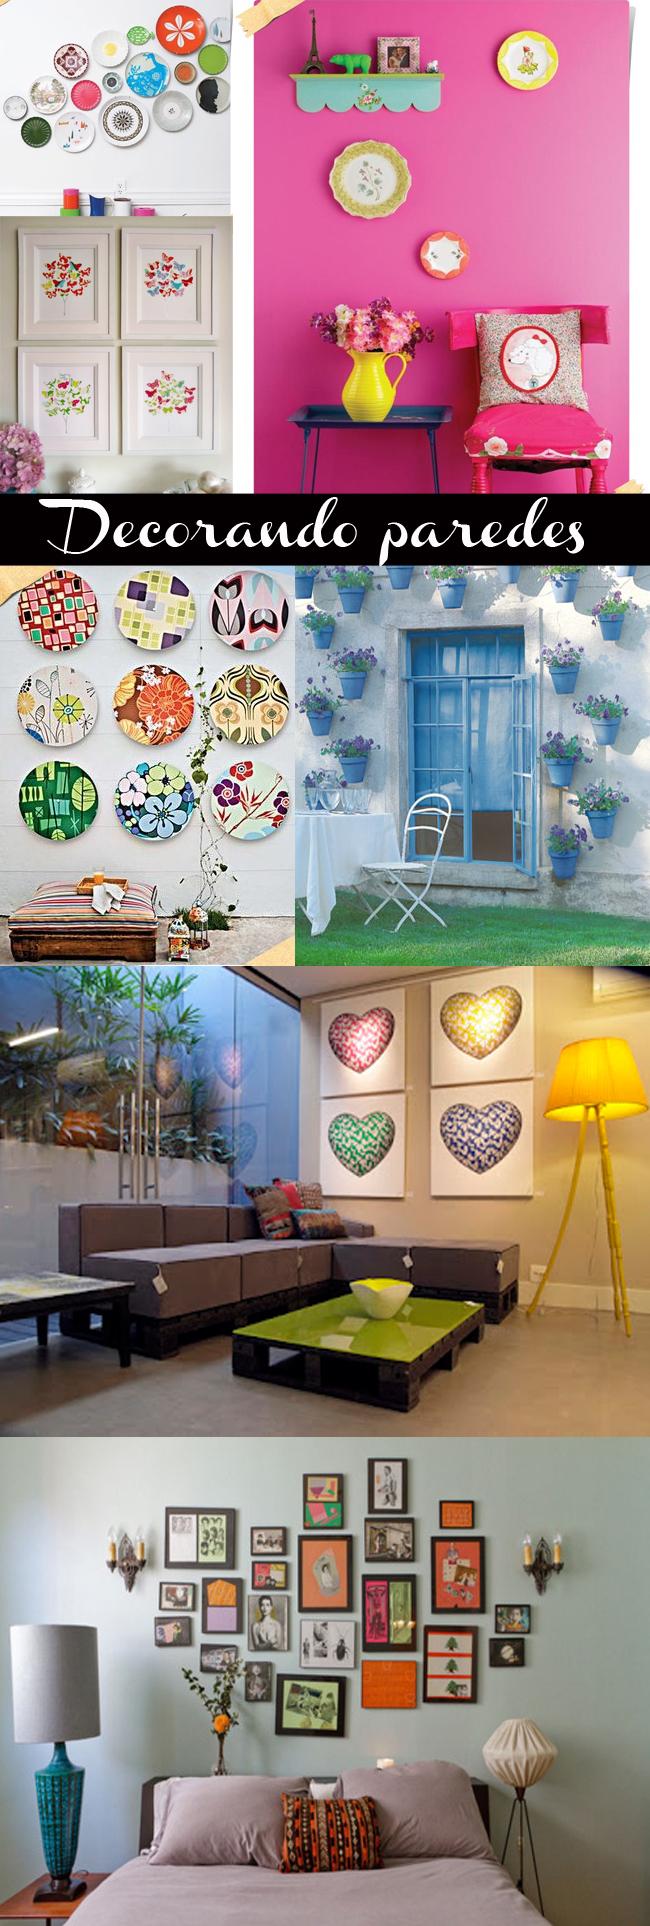 decorando_paredes1